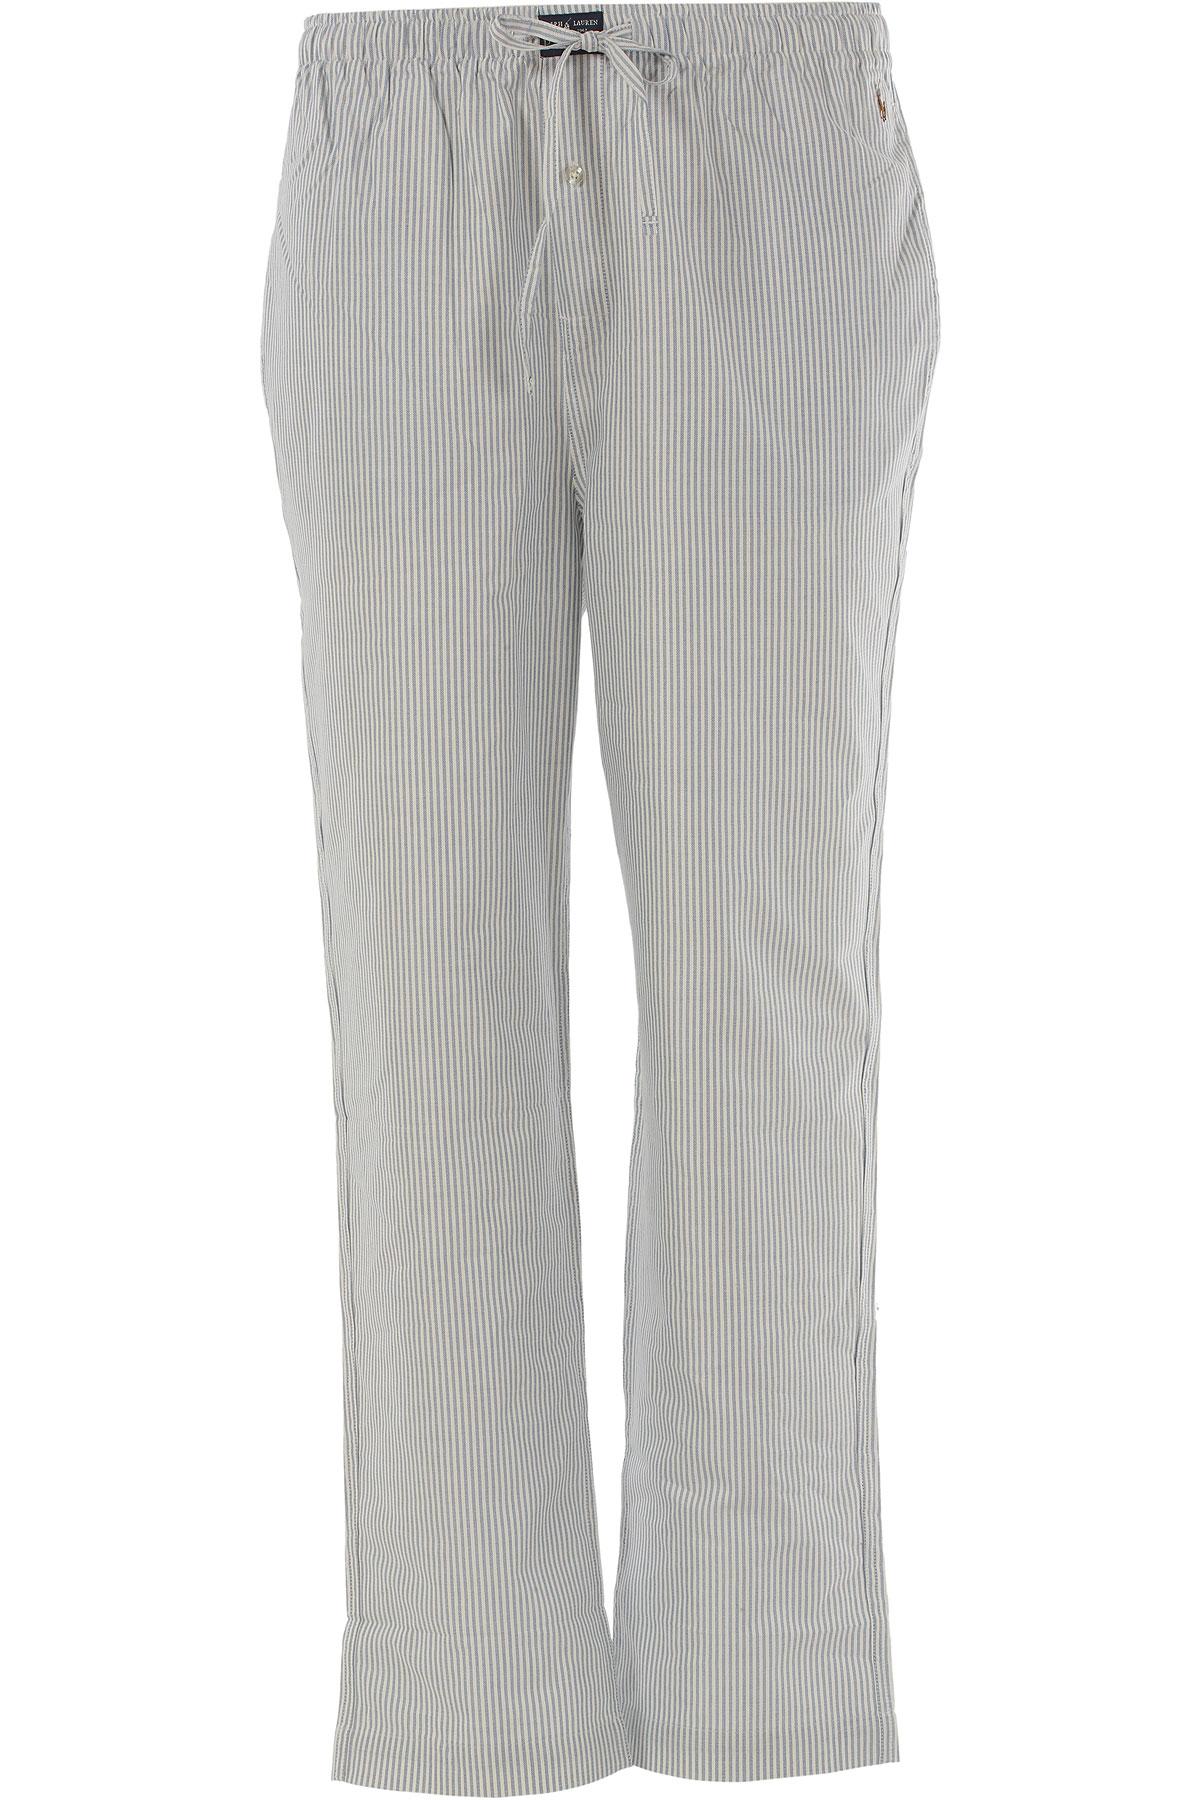 Ralph Lauren Pajama for Men On Sale in Outlet, Light Blue, Cotton, 2017, S (EU 3) L (EU 5) XL (EU 6) USA-383446